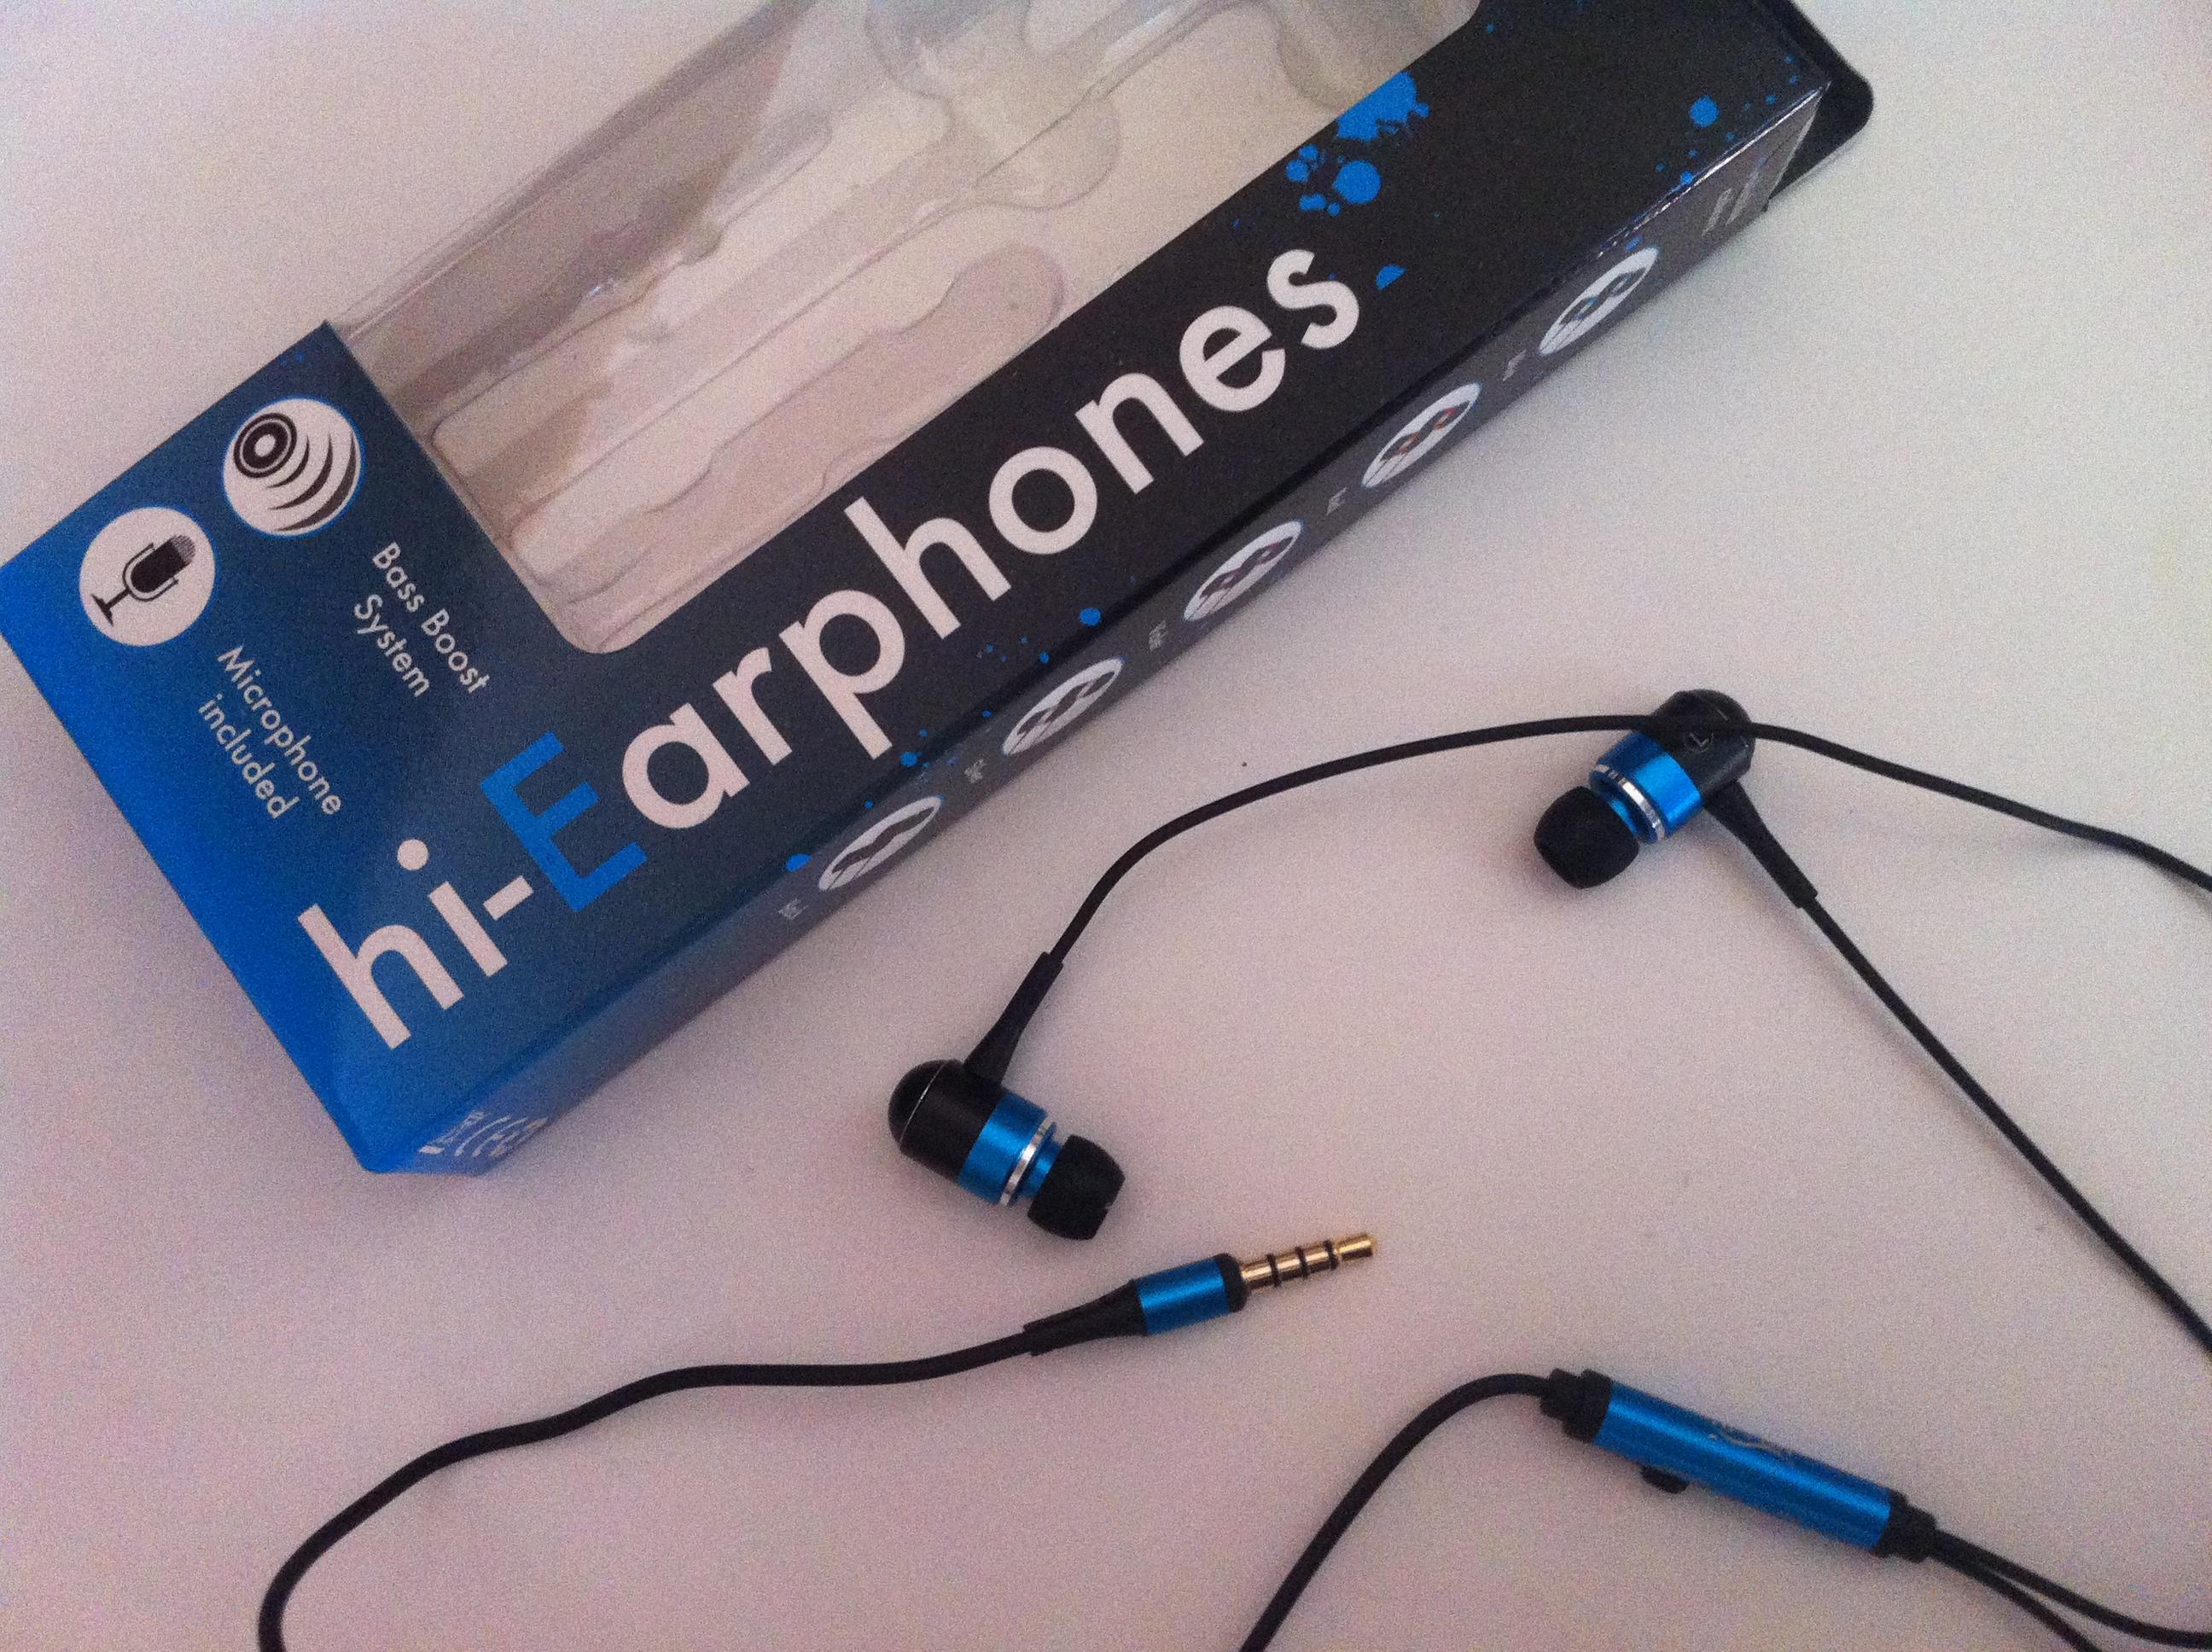 Hi-Earphones: le ottime cuffie economiche proposte dalla Hi-Fun | iSpazio Product Review